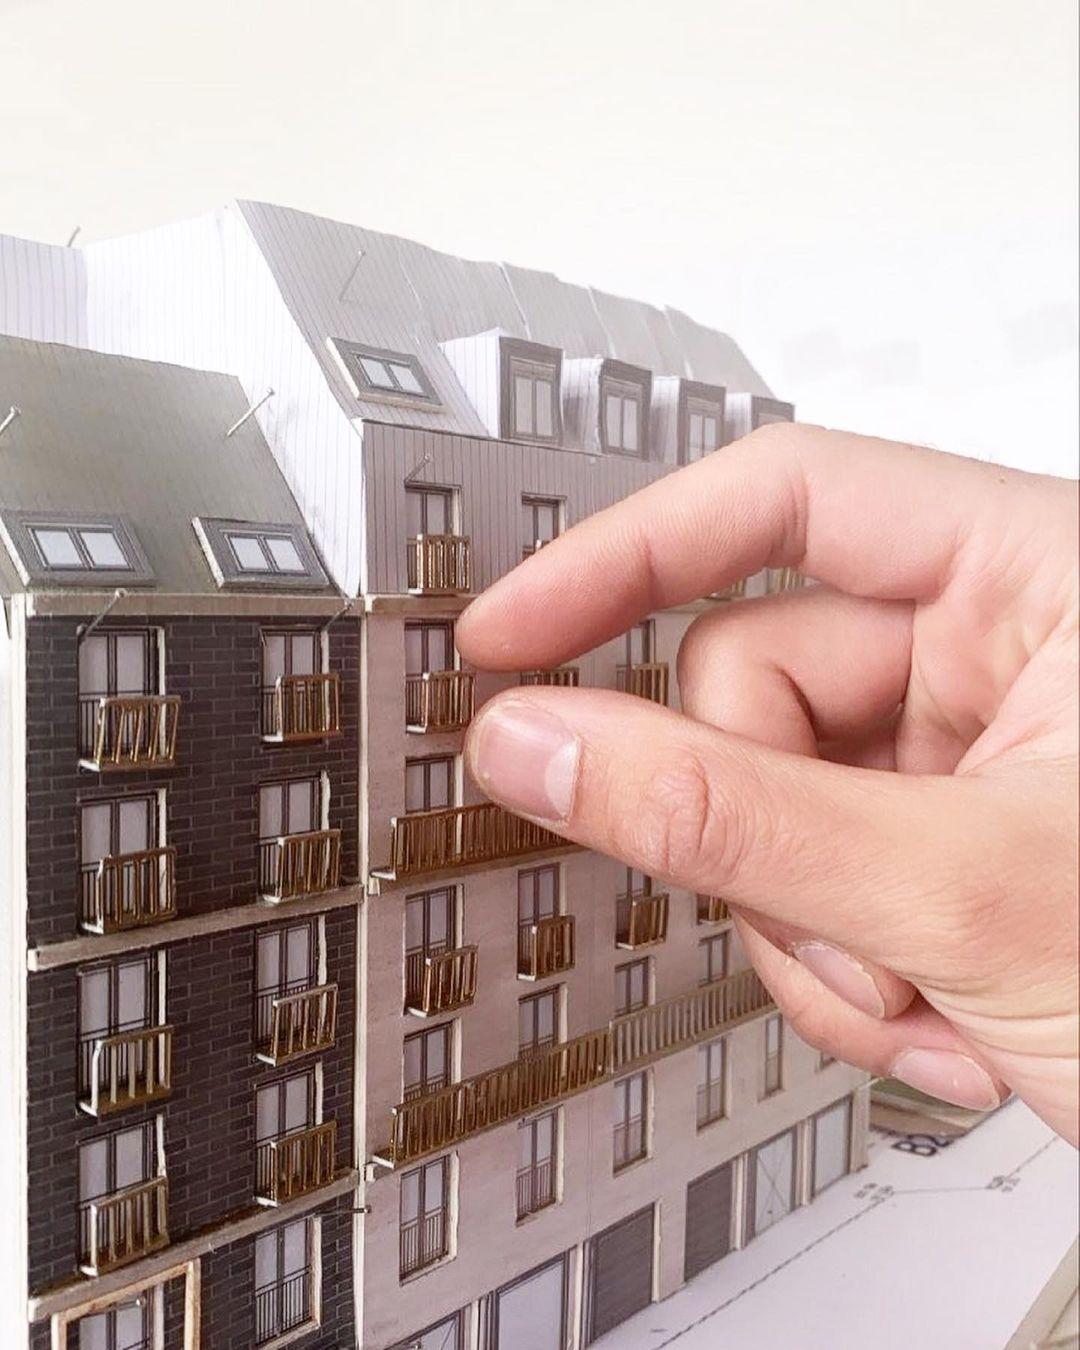 Bild: https://www.deutsches-architektur-forum.de/pics/schmittchen/main_yard_modellinarbeit_2.jpg